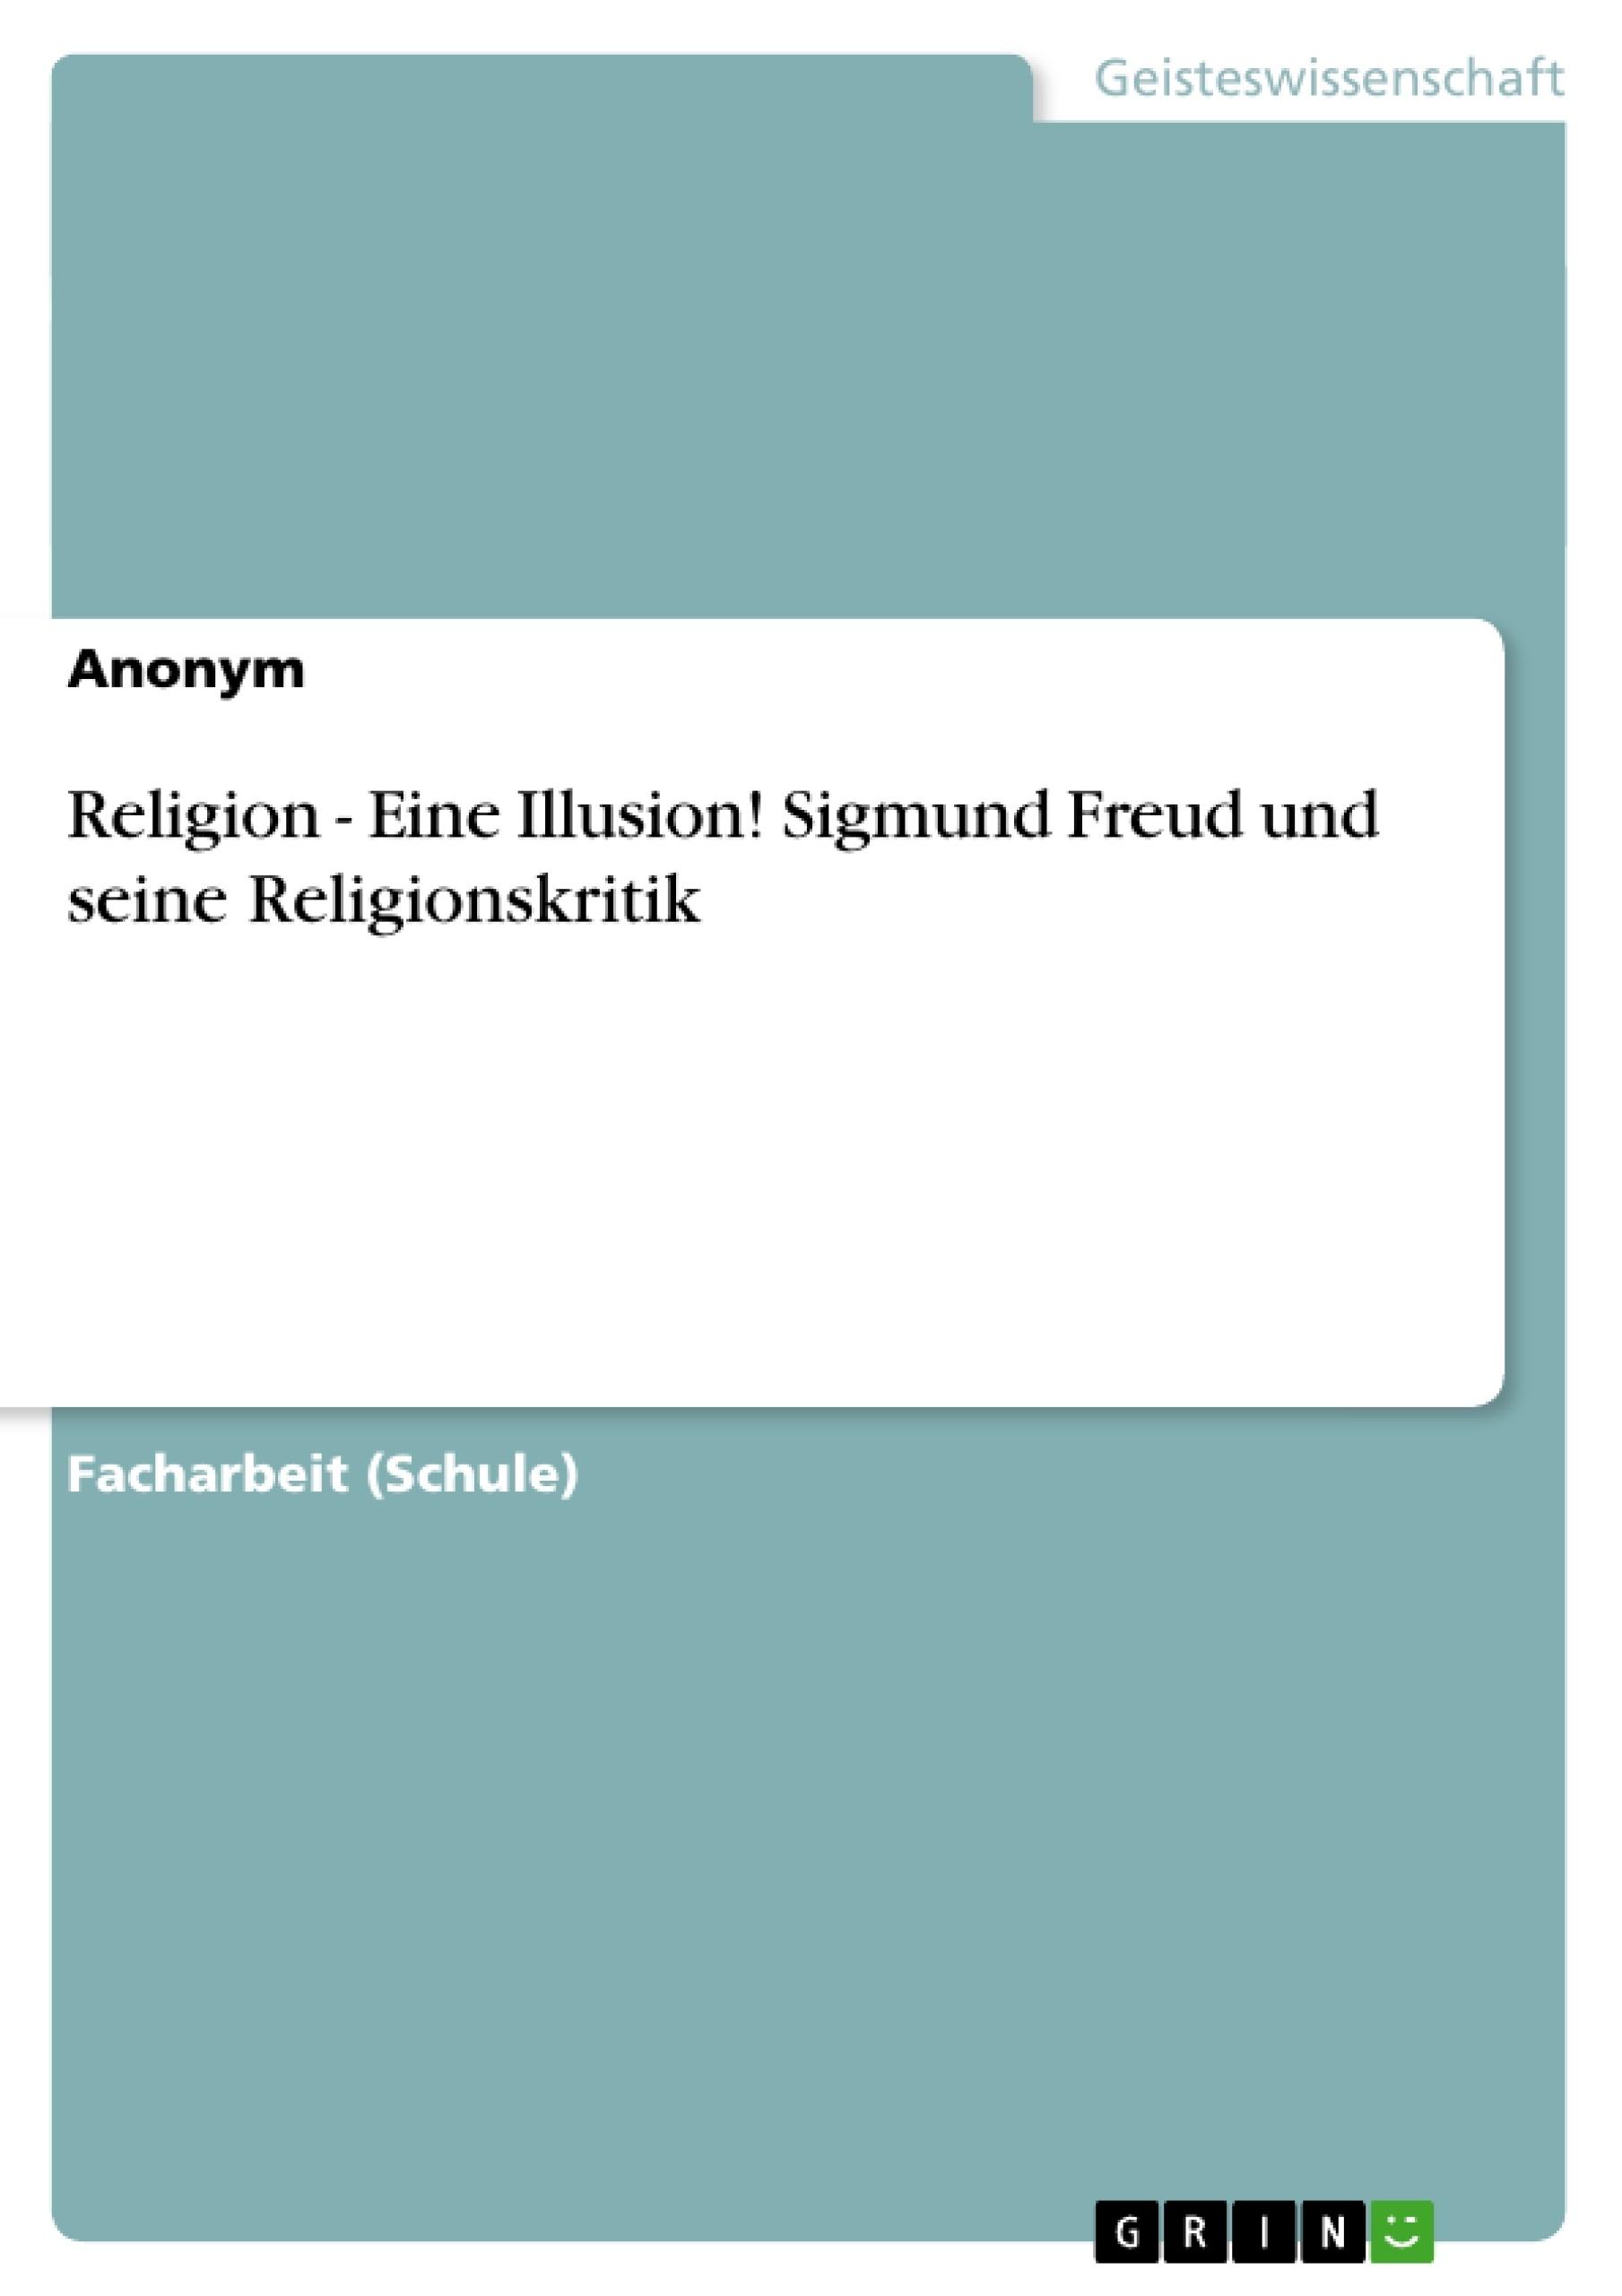 Titel: Religion -  Eine Illusion! Sigmund Freud und seine Religionskritik